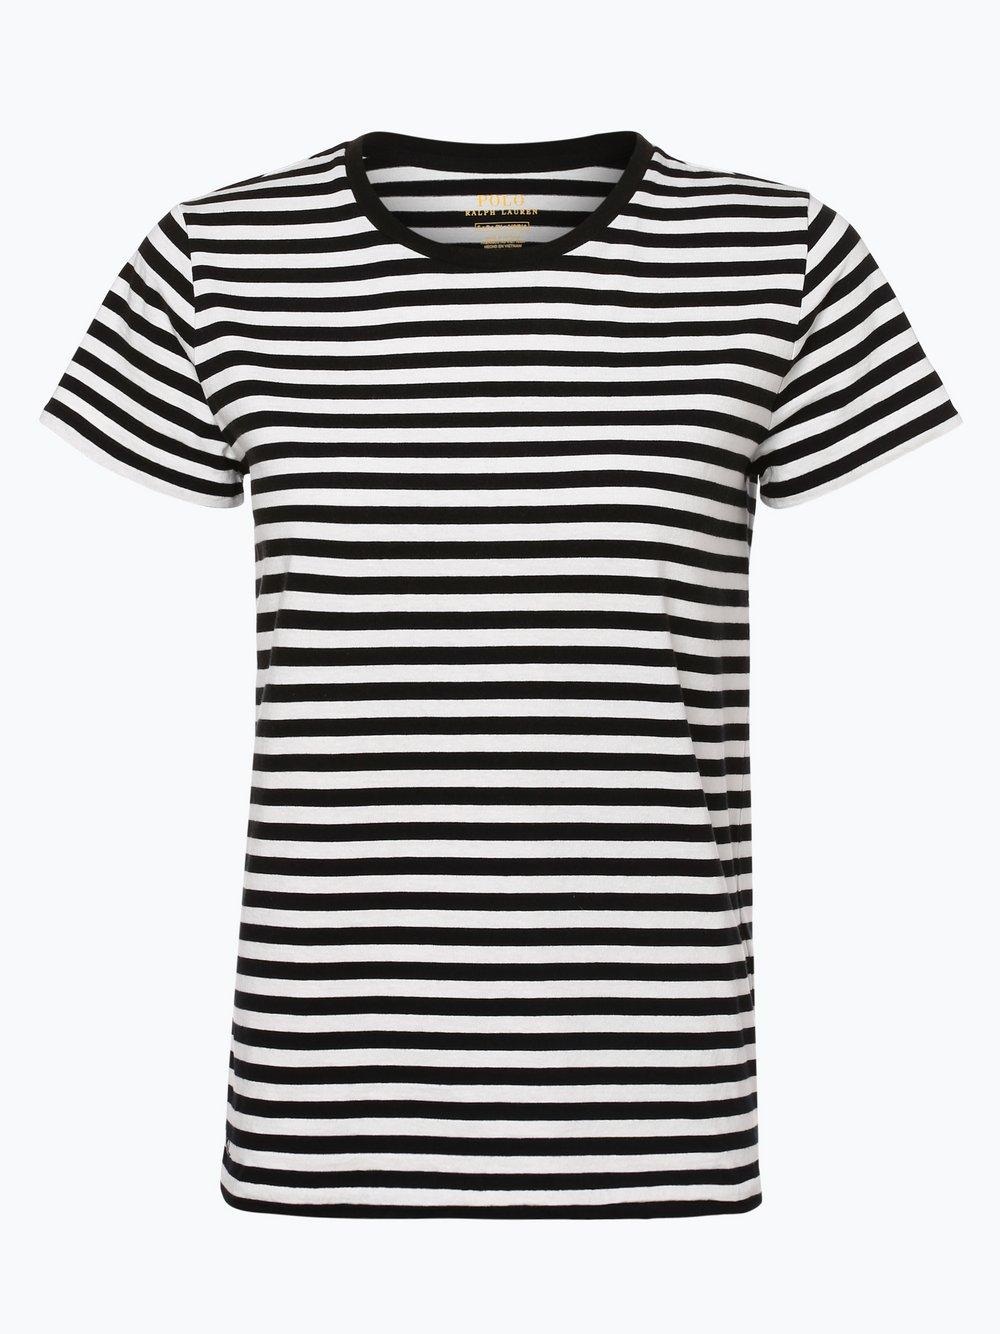 abd4612674173e Polo Ralph Lauren Damen T-Shirt online kaufen